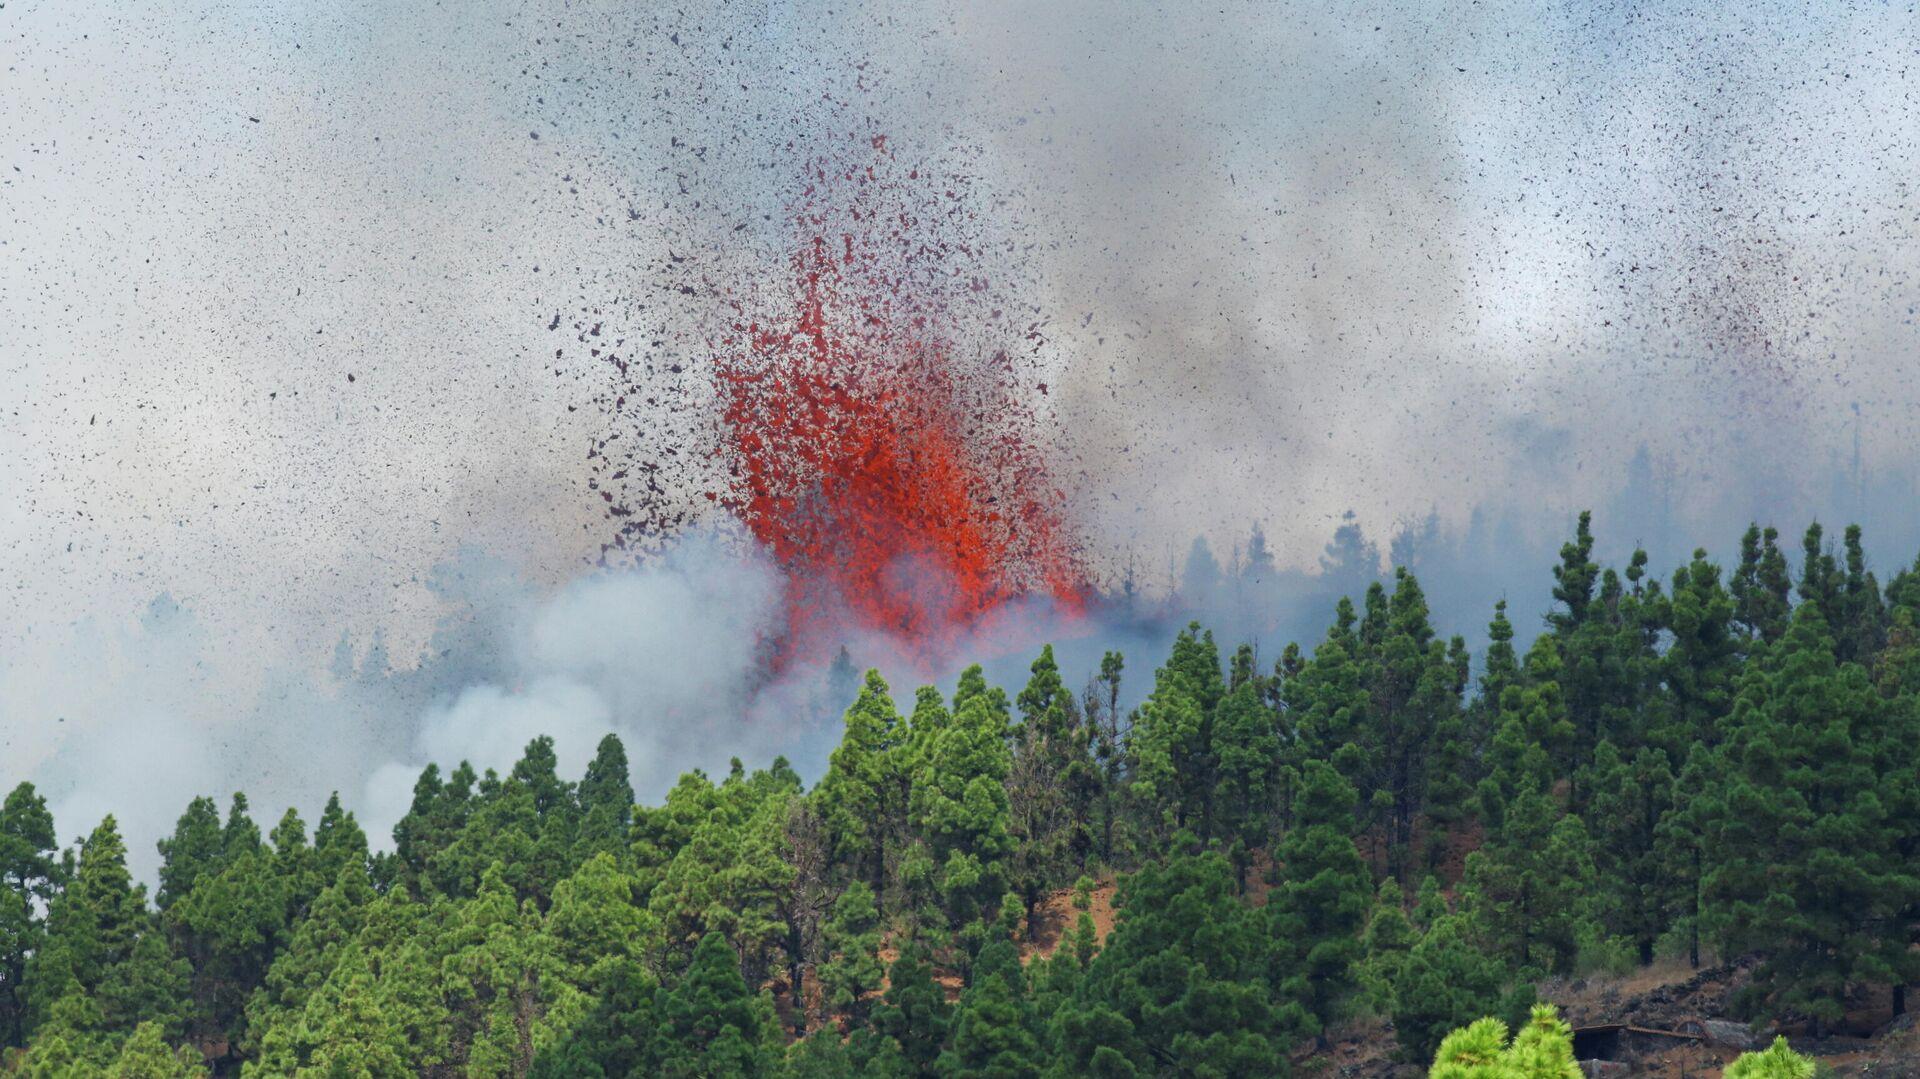 El volcán entra en erupción en la isla española de La Palma, España, 19 de septiembre de 2021 - Sputnik Mundo, 1920, 19.09.2021